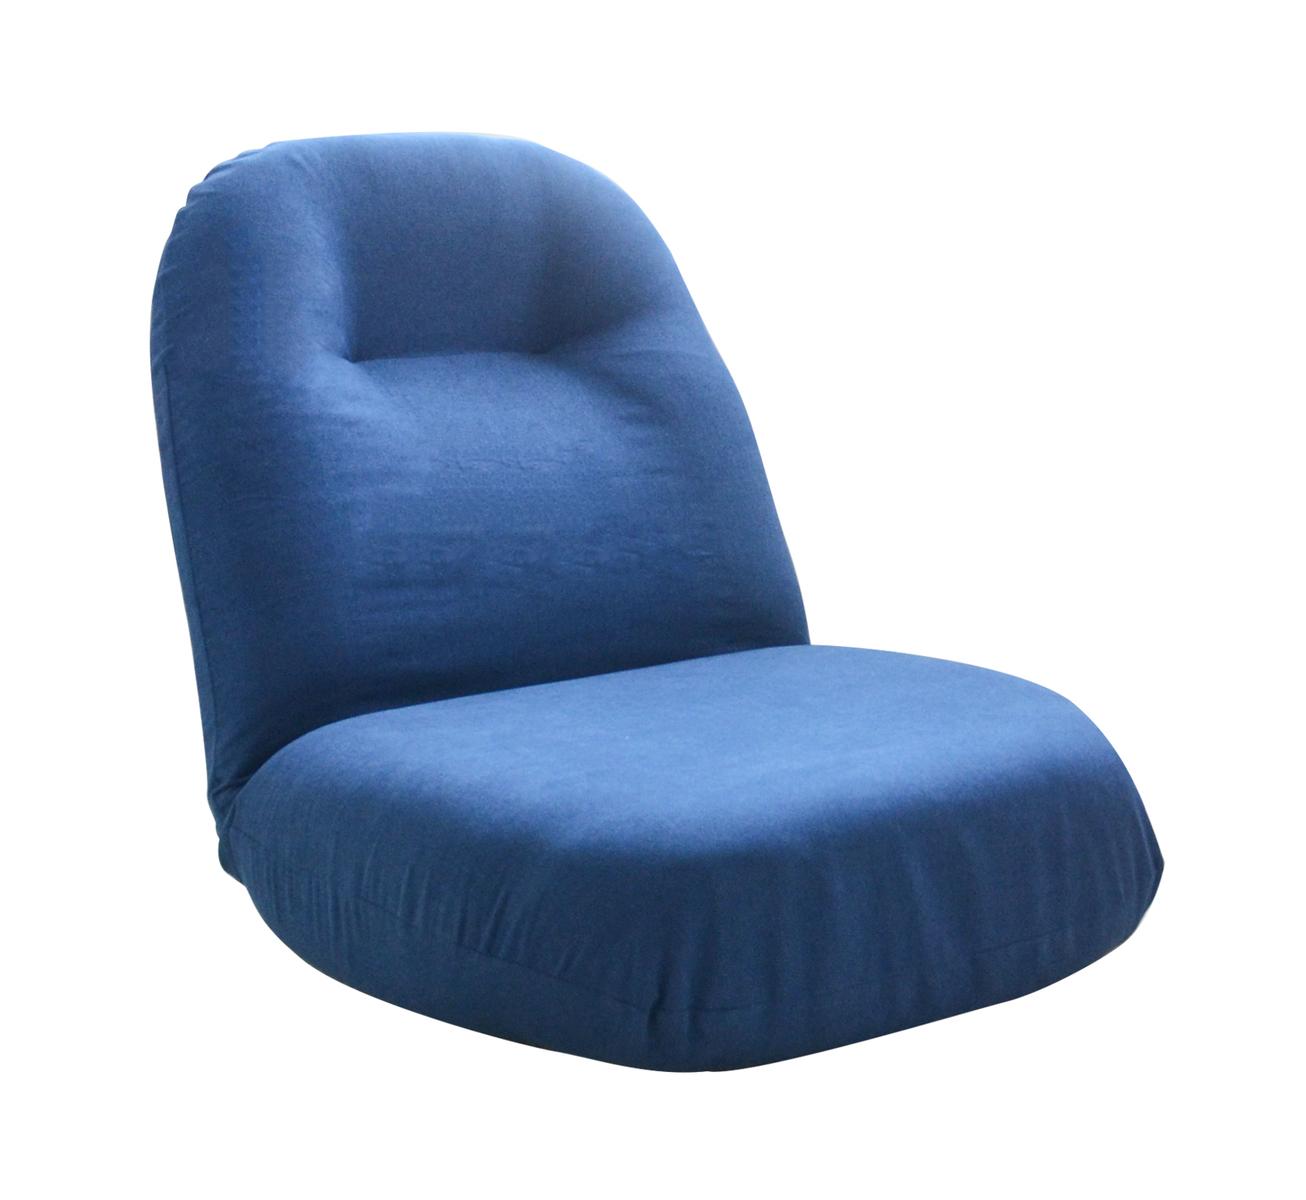 激安通販ショッピング 座椅子 一人掛け イス 座イス 座いす チェアー フロアチェア いす おしゃれ チェア 北欧 在宅勤務 椅子 ソファー ネイビー 超目玉 テレワーク